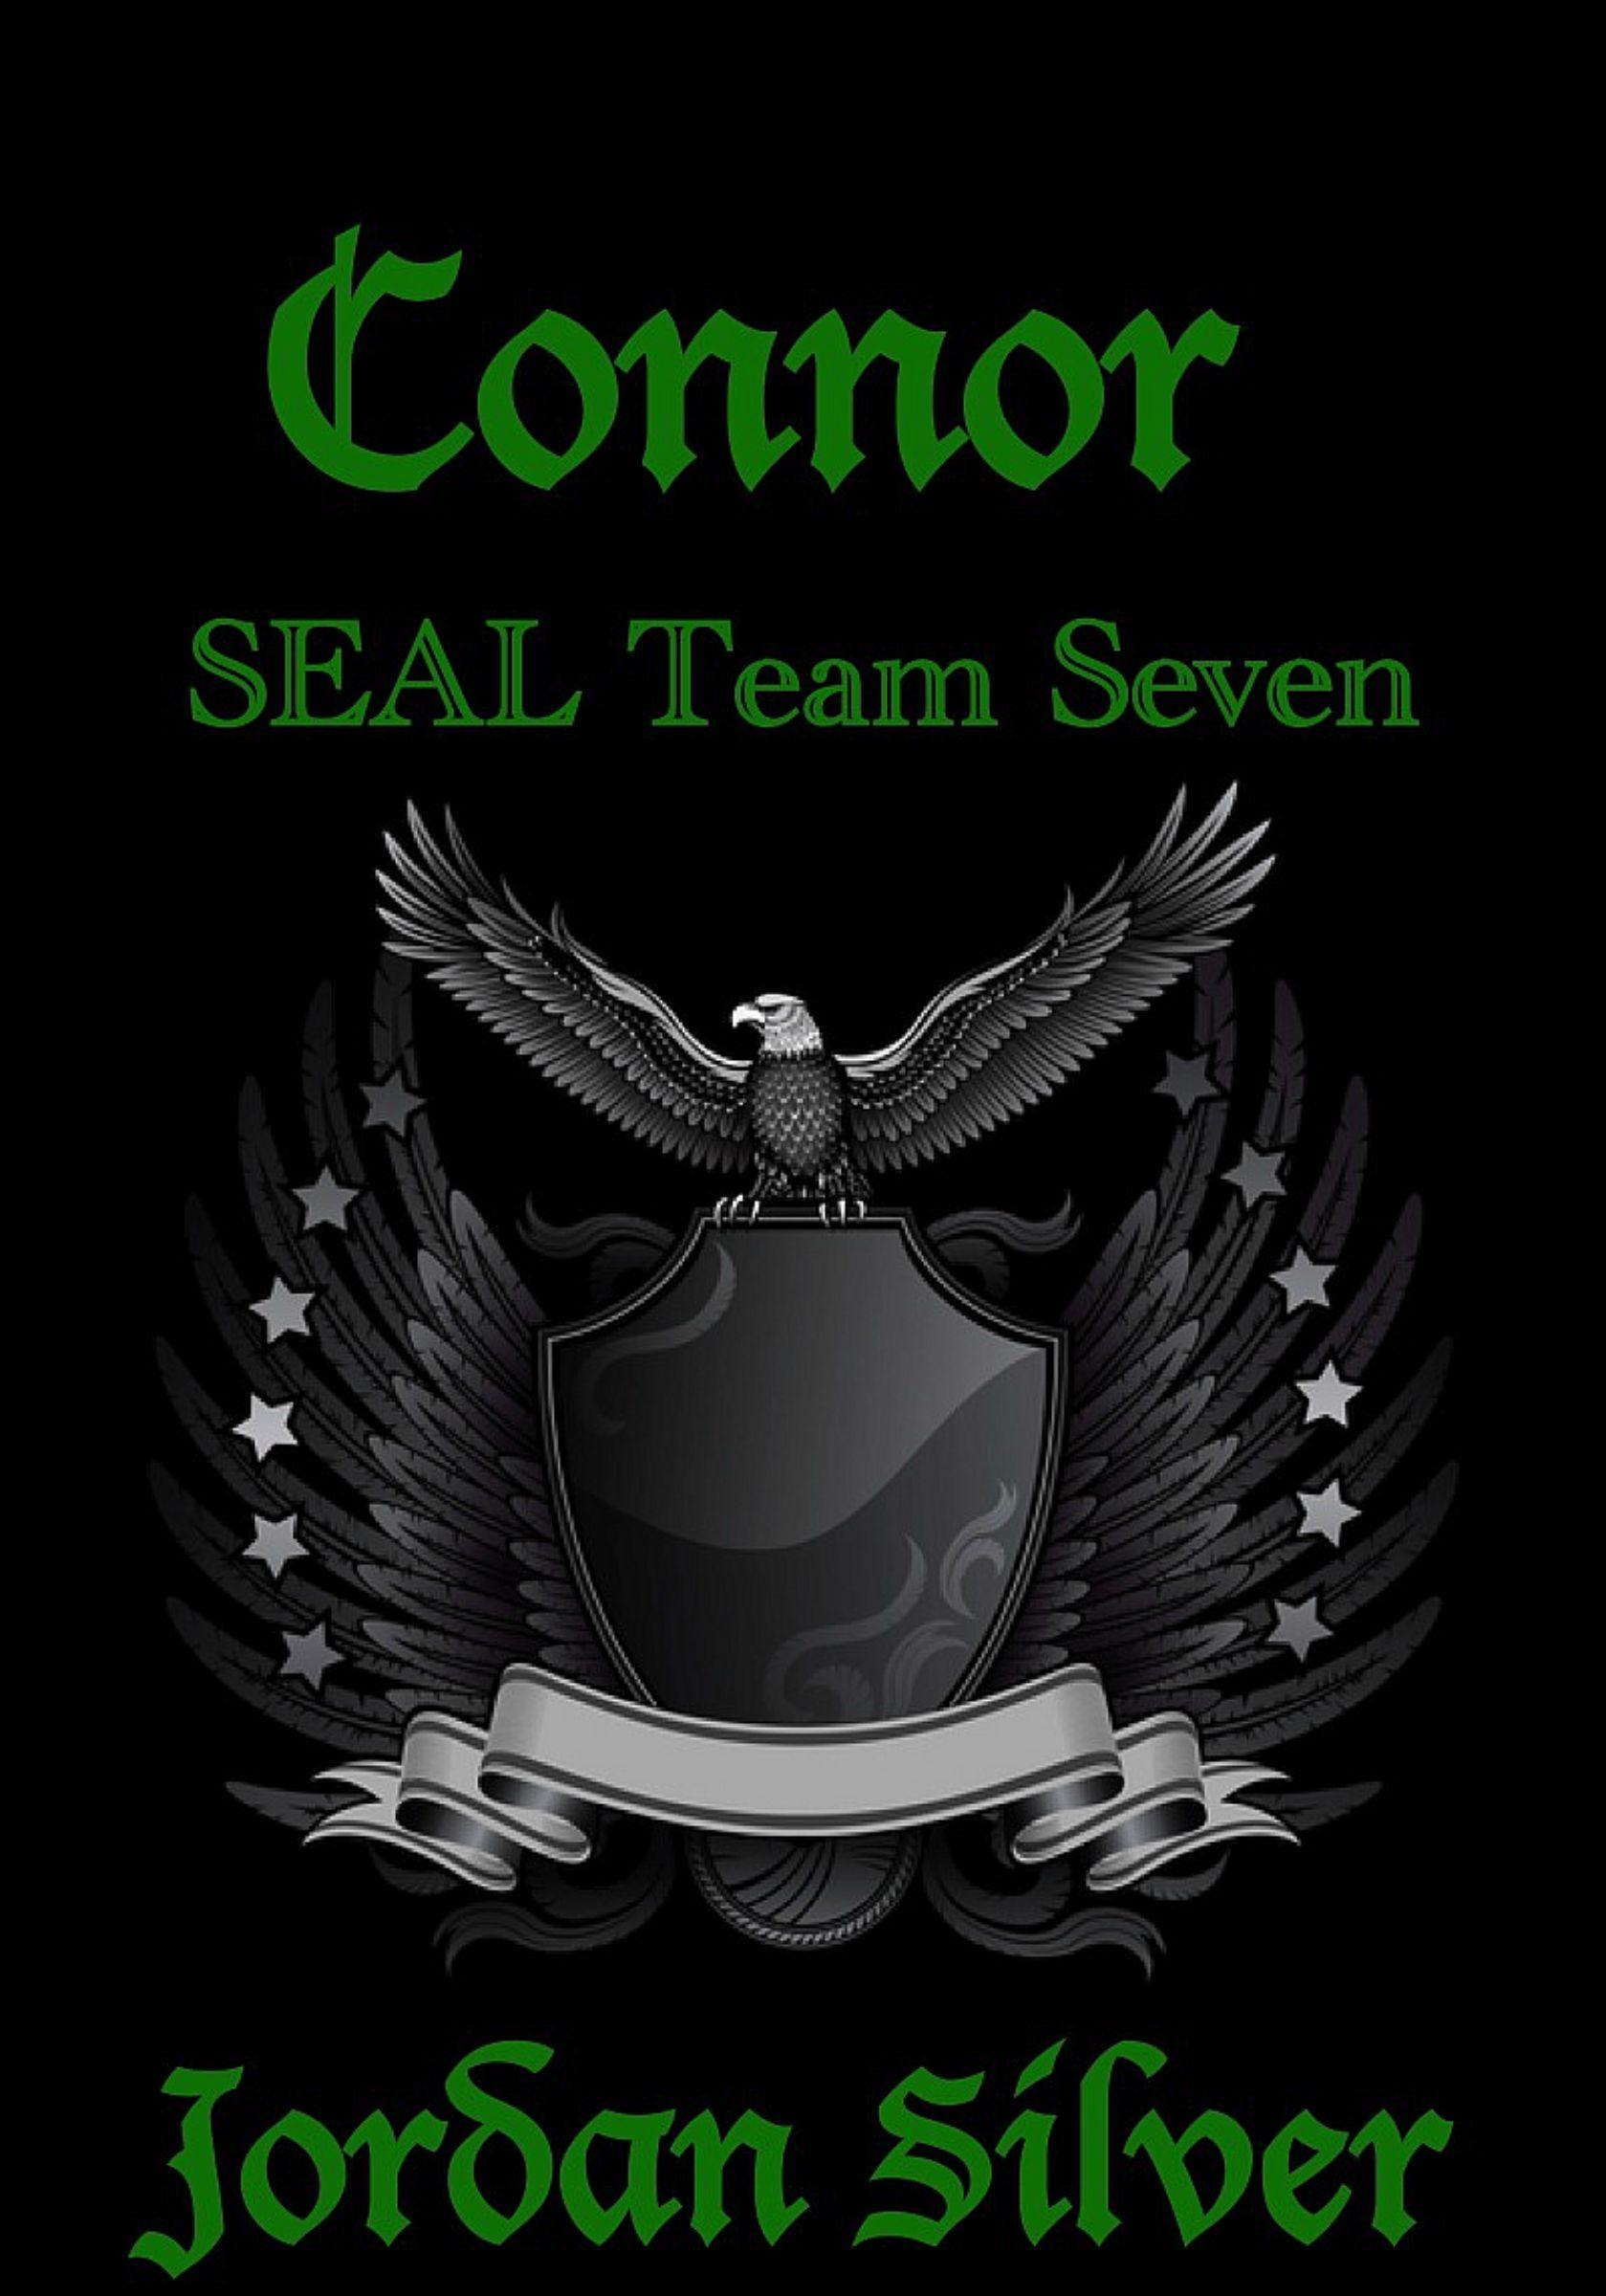 Jordan Silver - Connor SEAL Team Seven